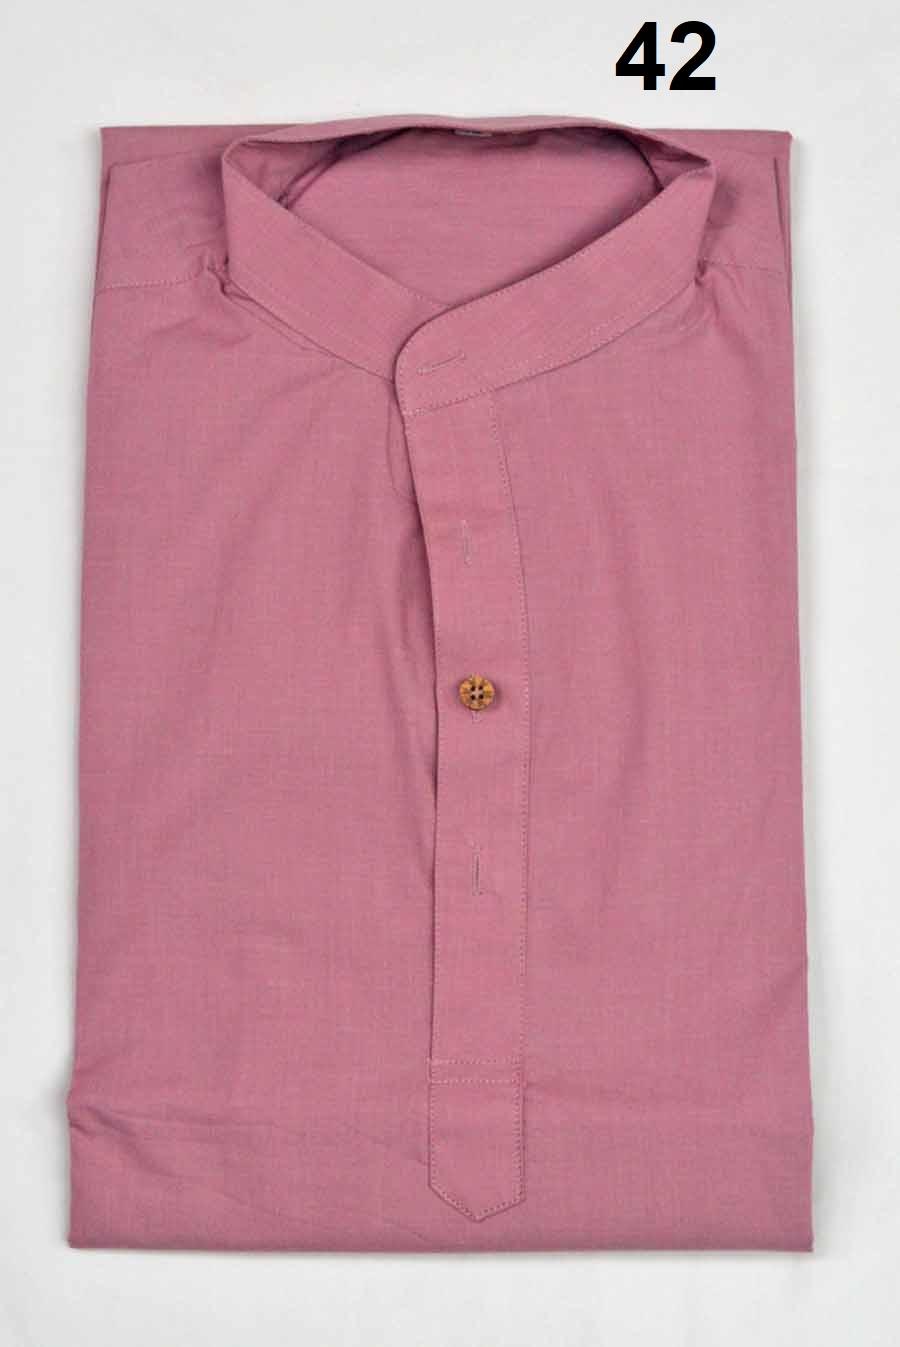 Cotton Kurta 9133 - 42